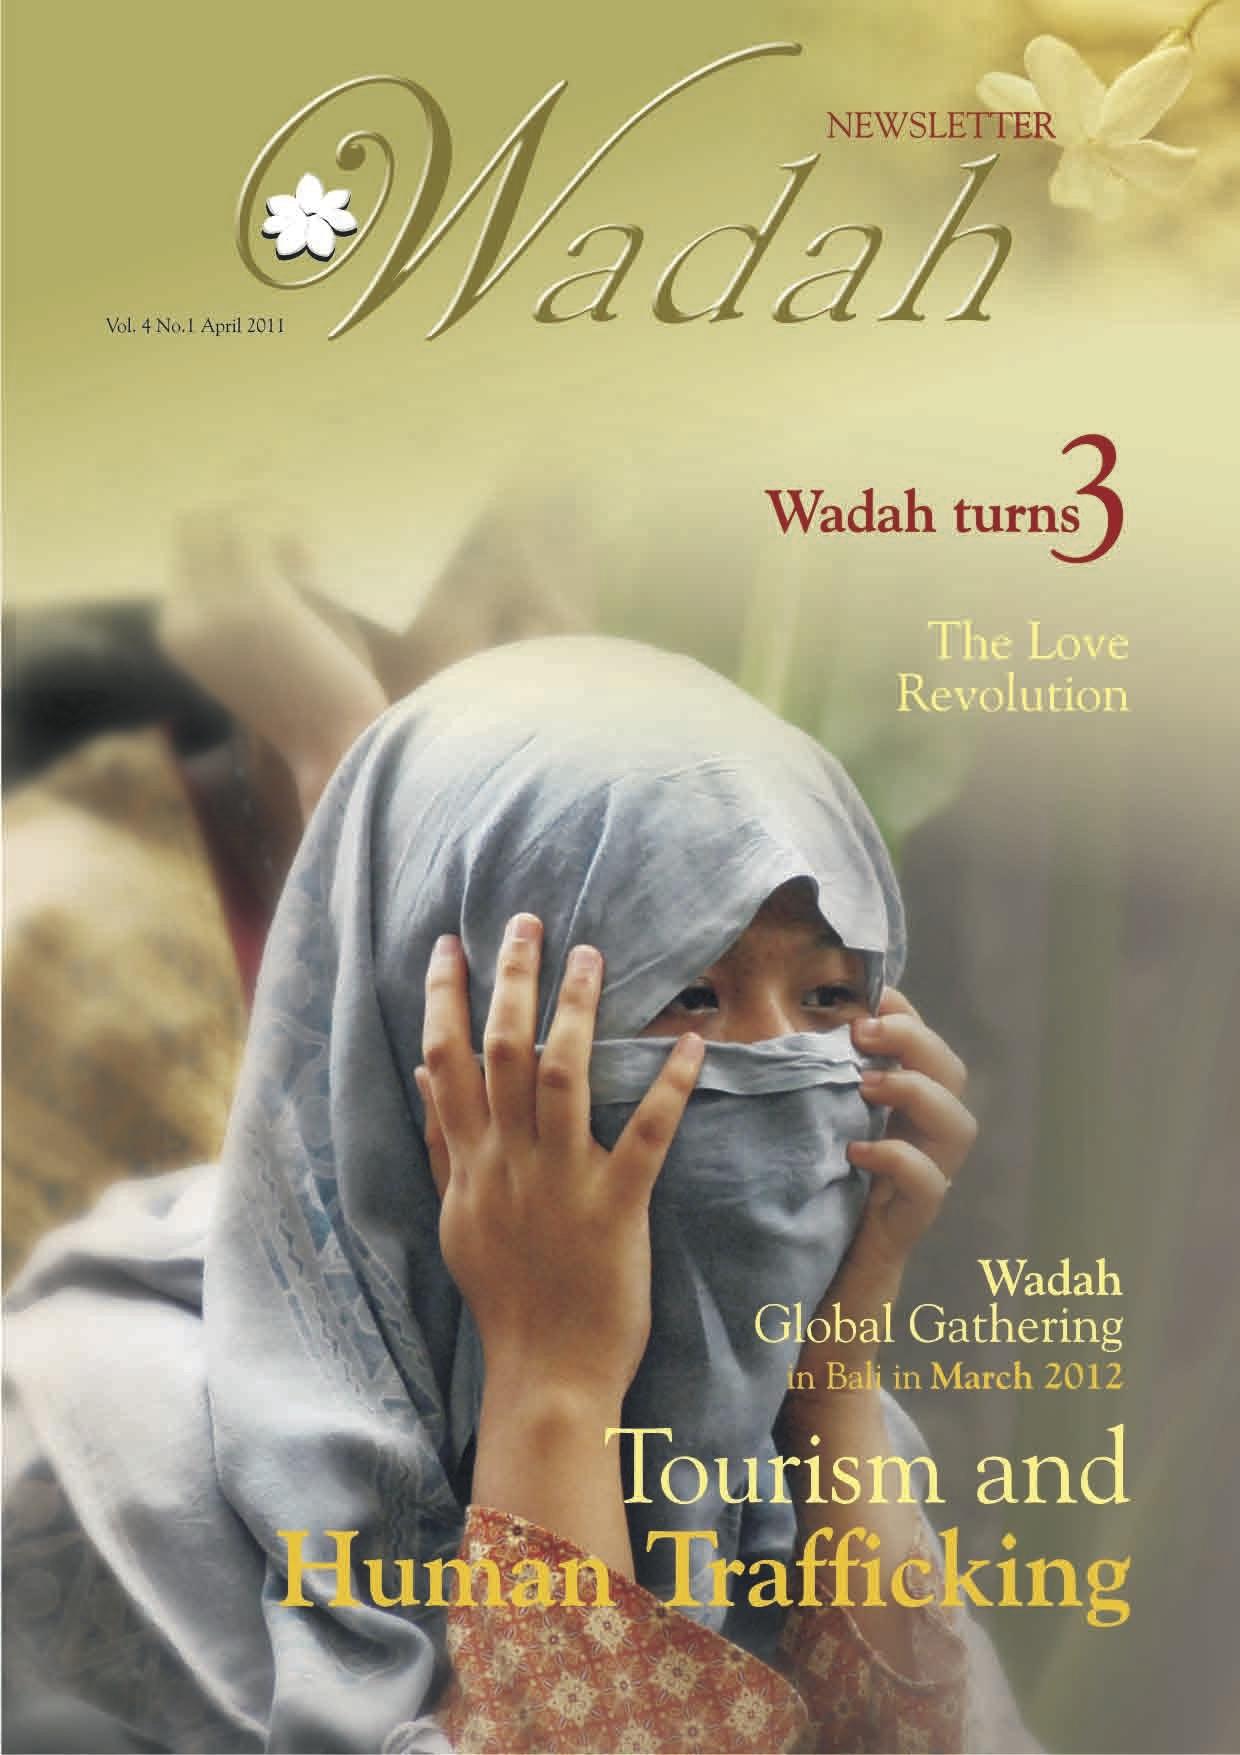 Vol. 4 No. 1 - April 2011